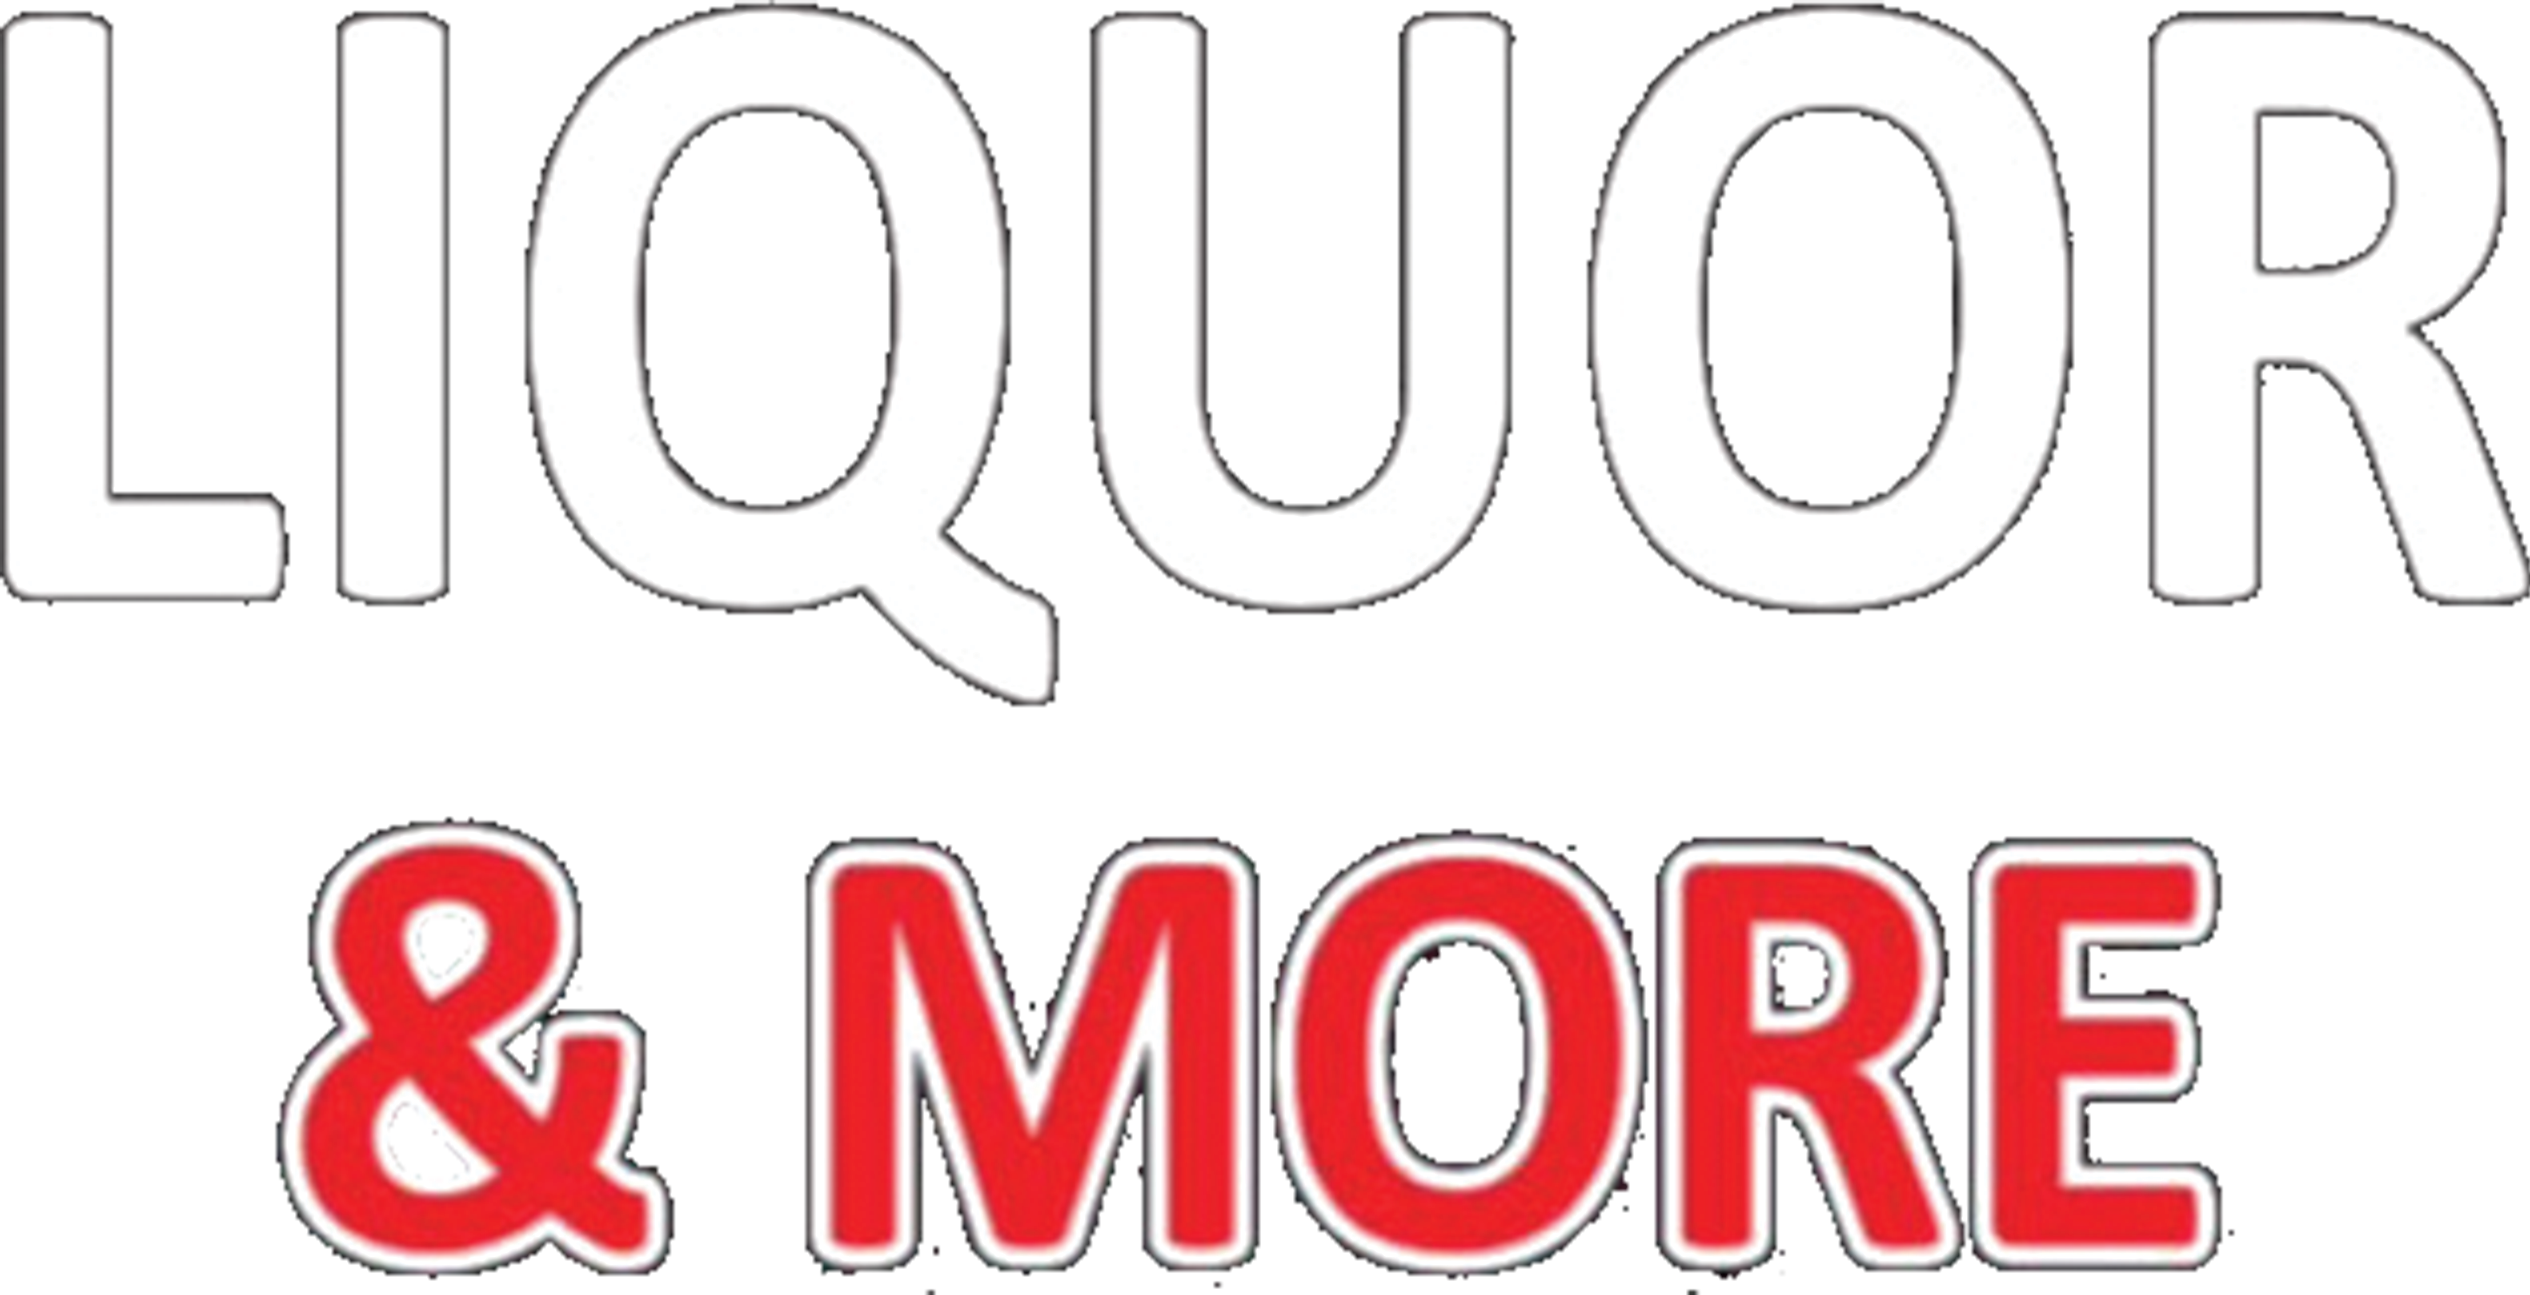 Liquor & More